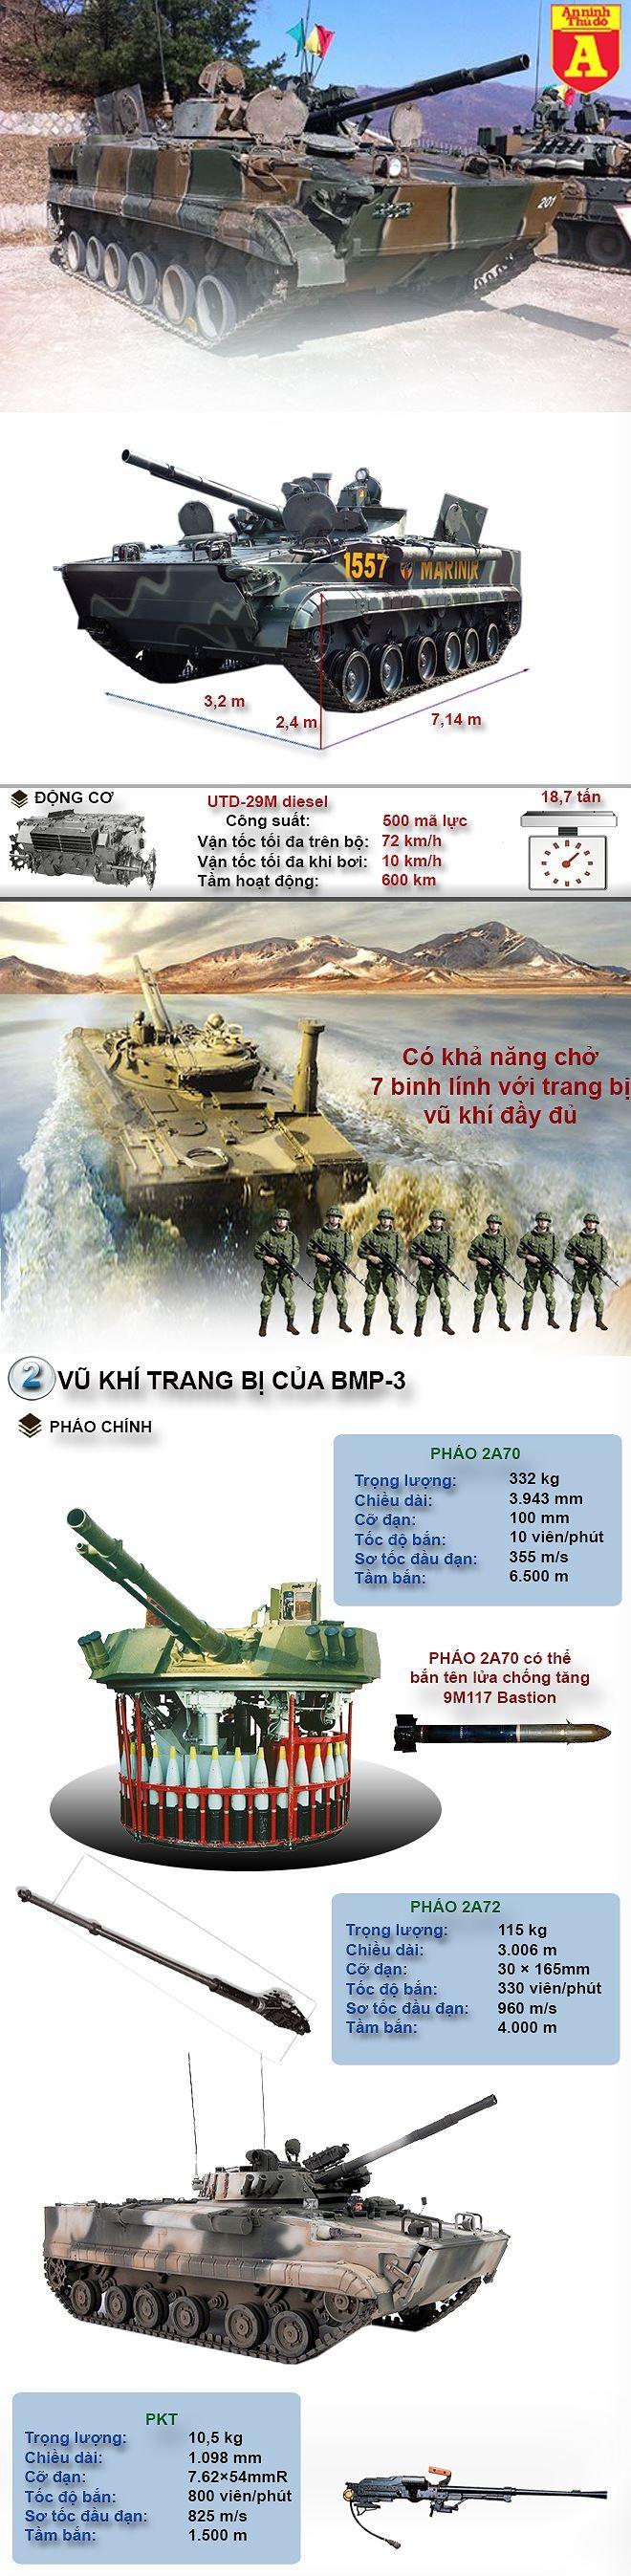 [ĐỒ HỌA] Tại sao Hàn Quốc vẫn hài lòng với BMP-3 Nga dù là cường quốc về công nghệ quân sự? ảnh 2